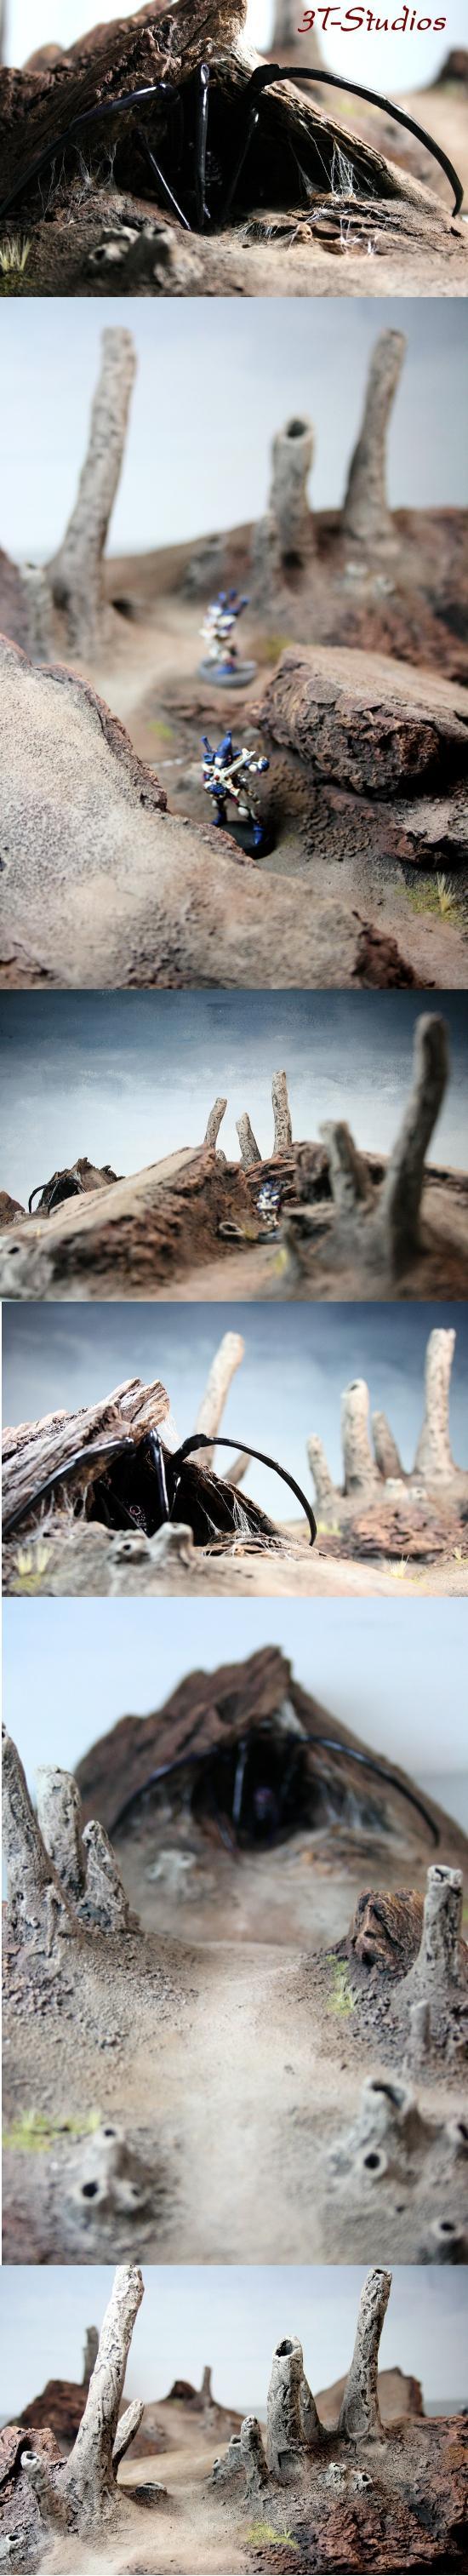 3t, Bug, Burrow, Fumarole, Scratch Build, Spider, Terrain, Wasteland, Web